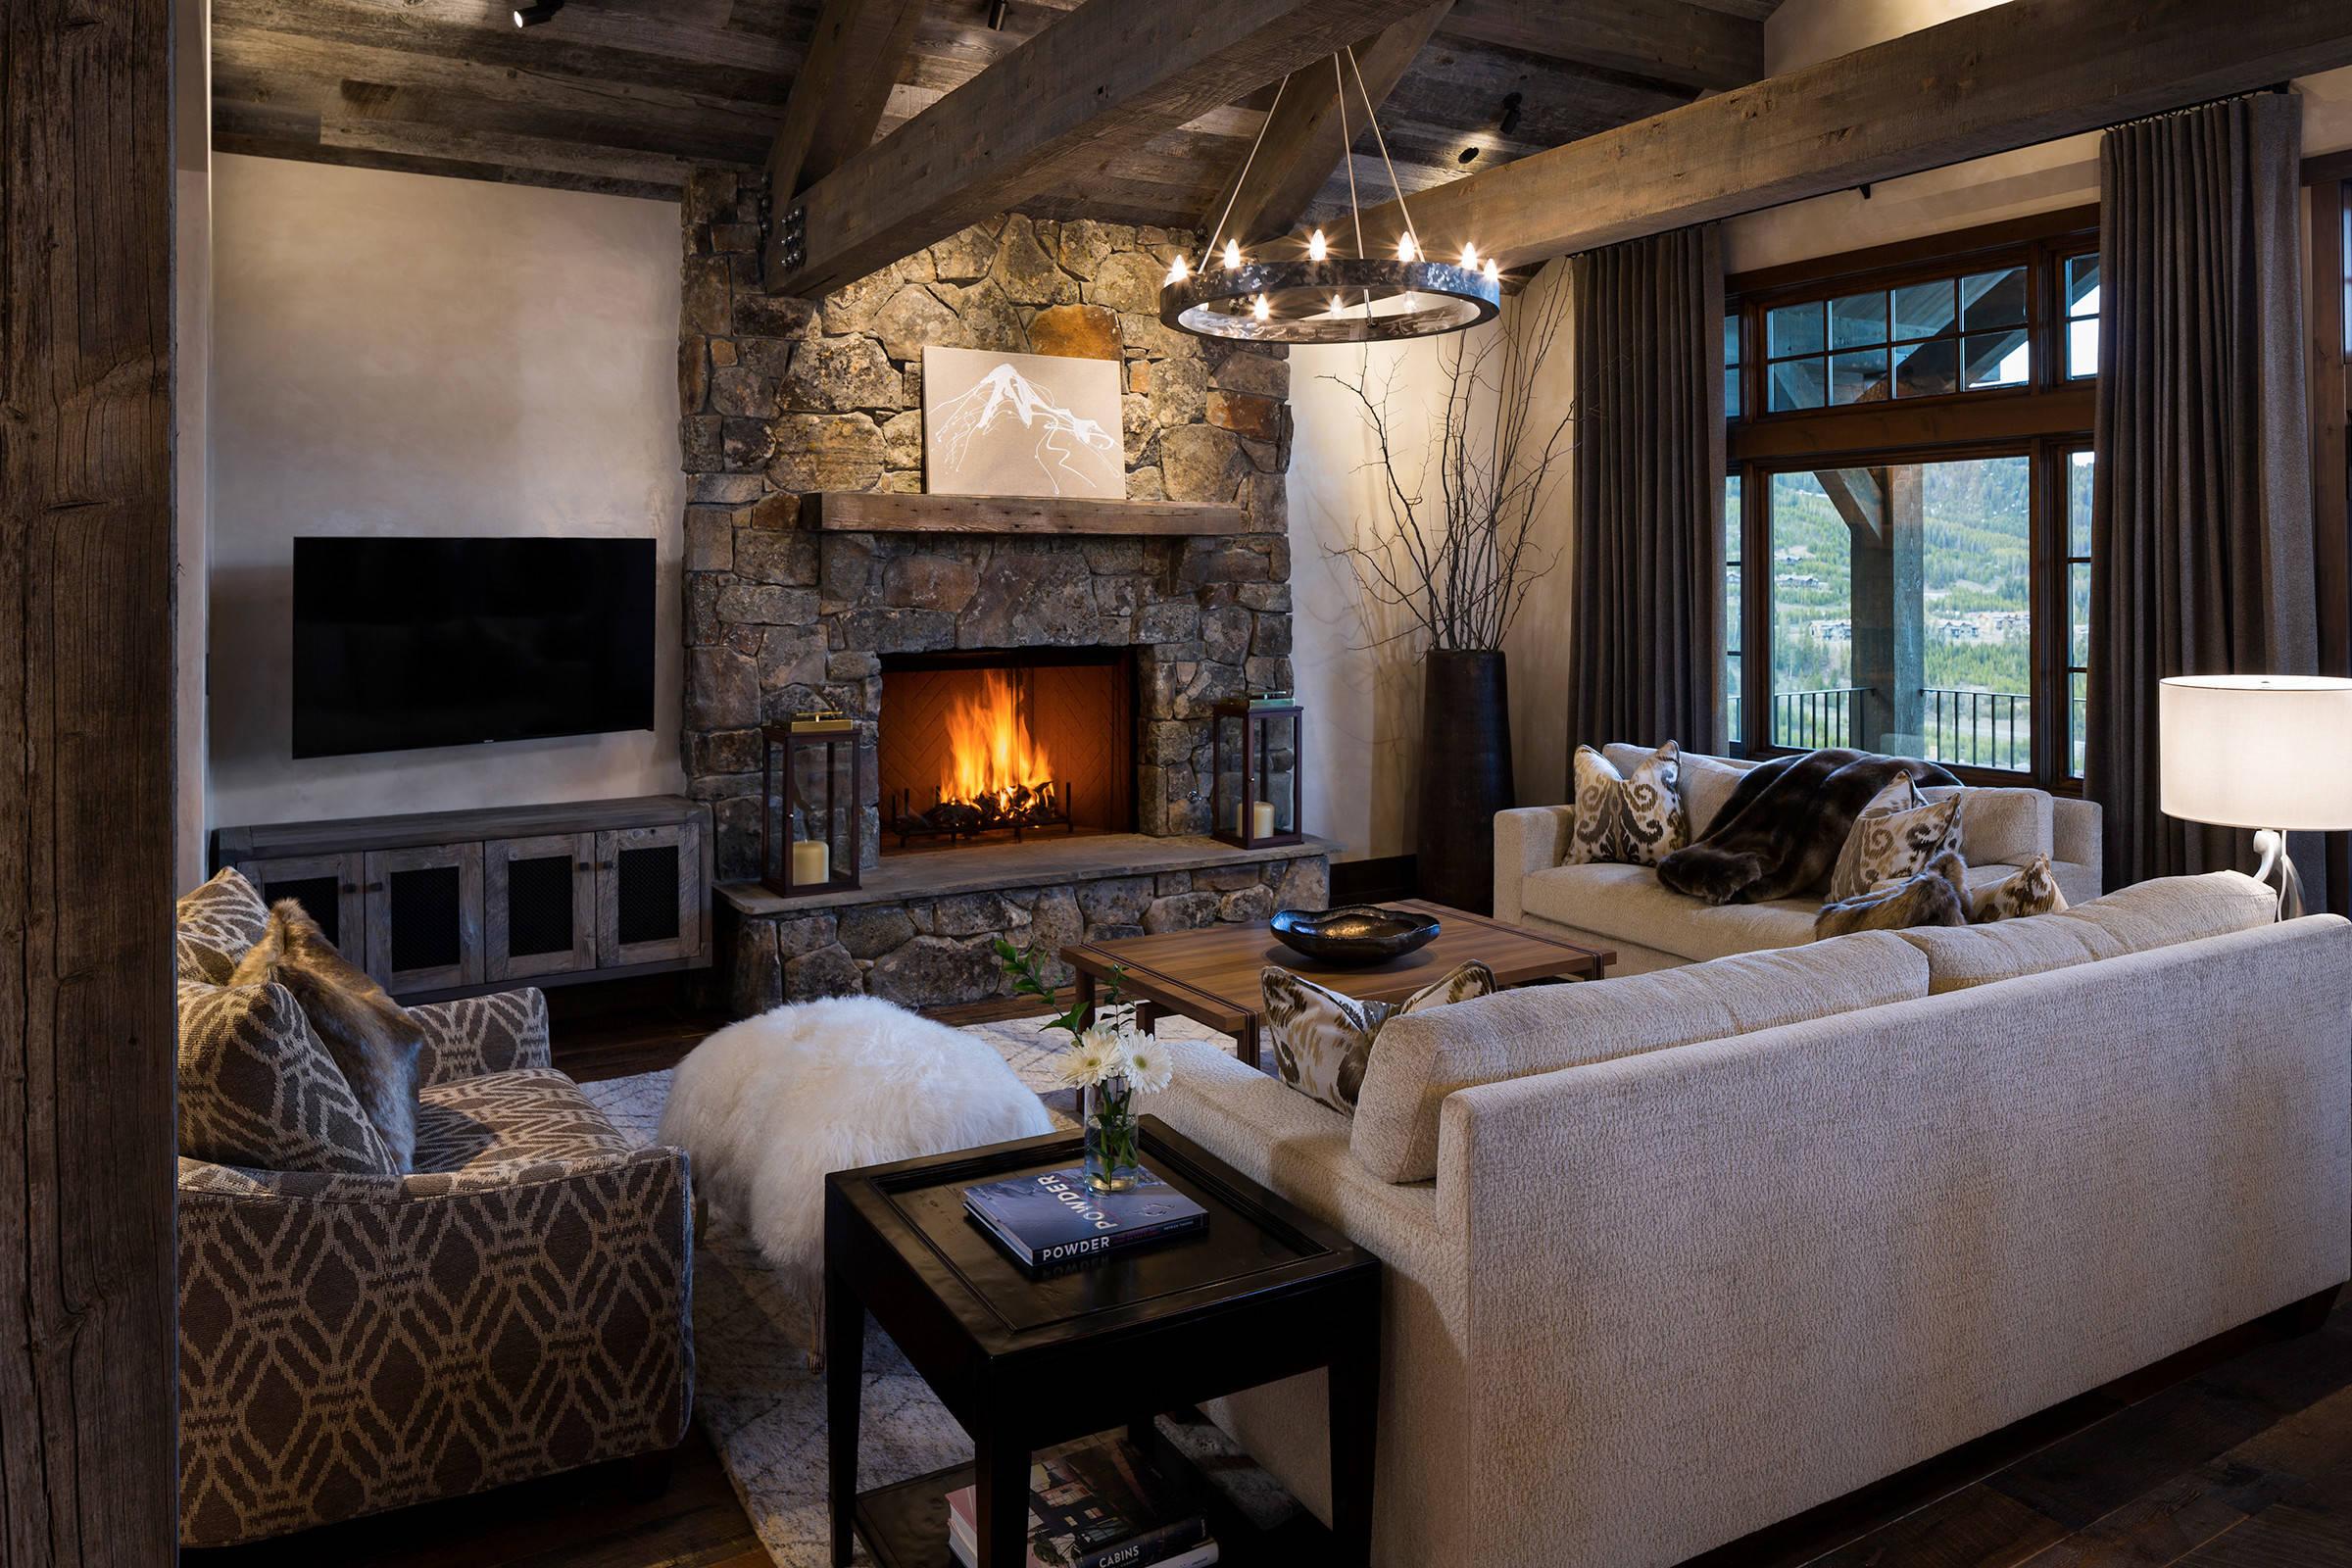 75 Beautiful Rustic Dark Wood Floor Living Room Pictures